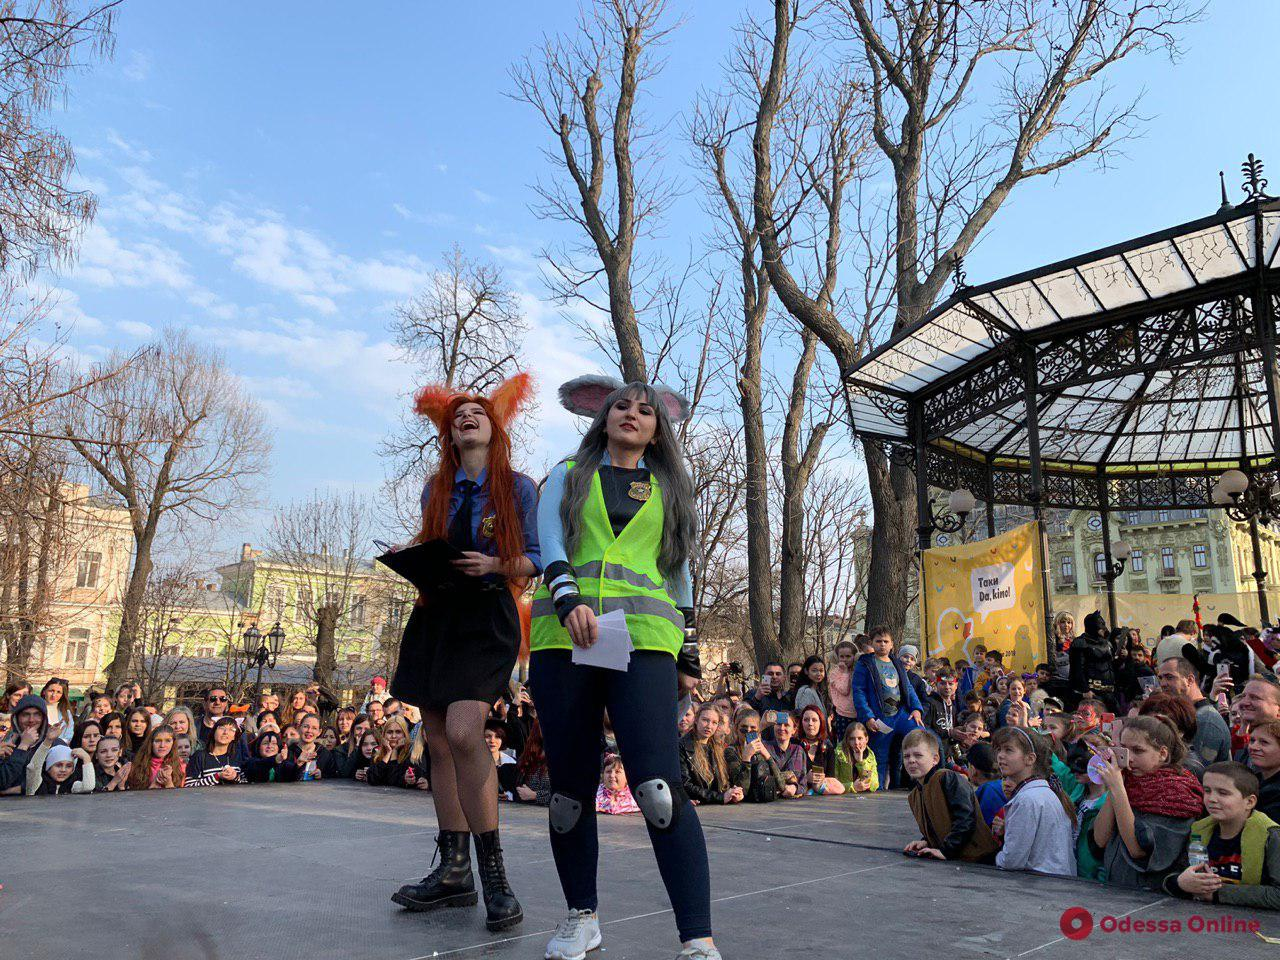 Локи, Аквамен и Велма: в одесском Горсаду проходит косплей-шоу (фото)